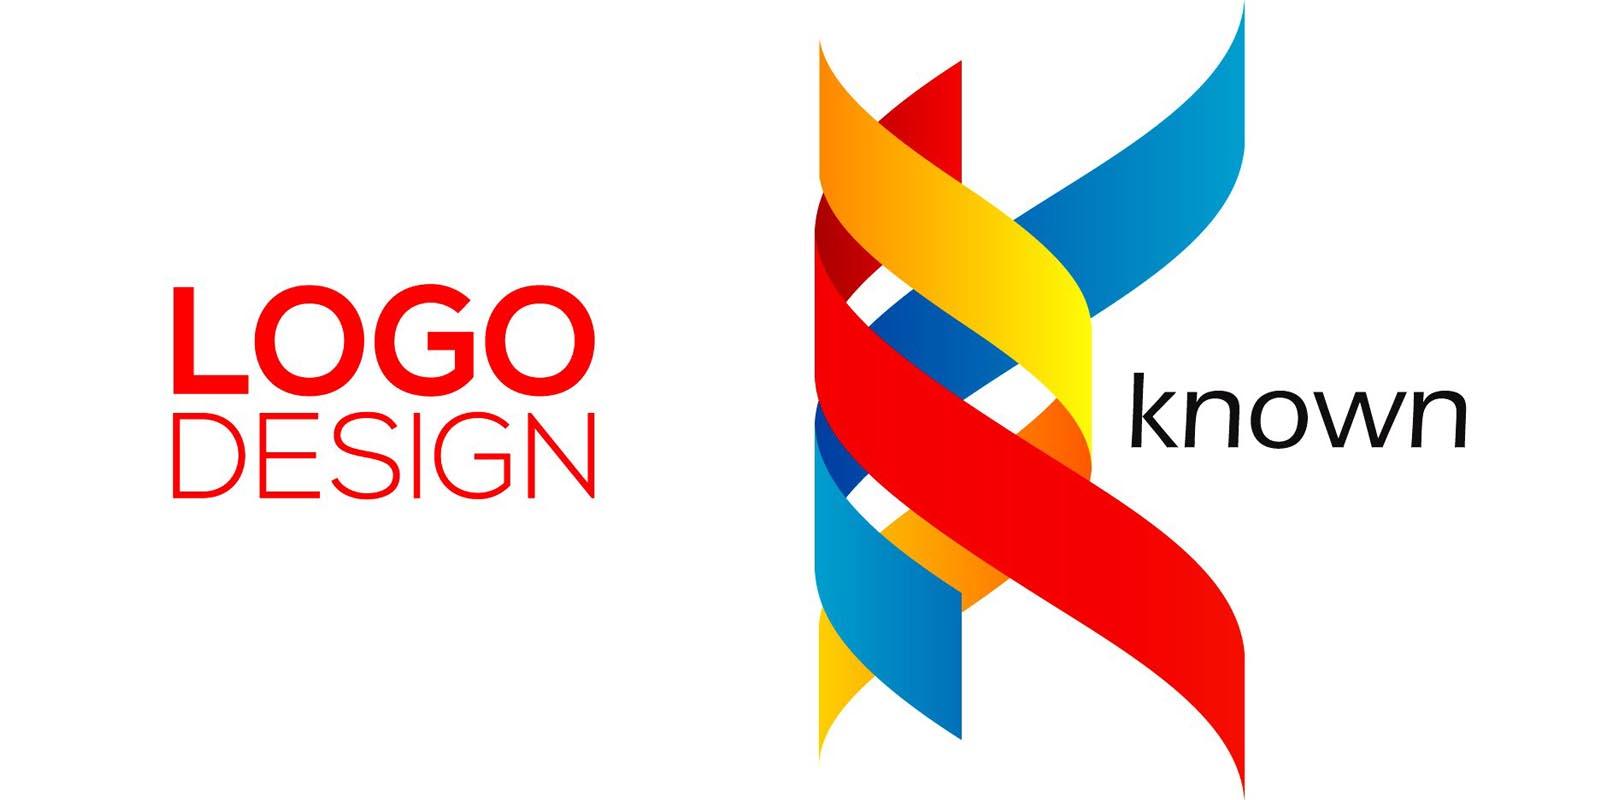 Hd Wallpapers Logo Design Services Delhi